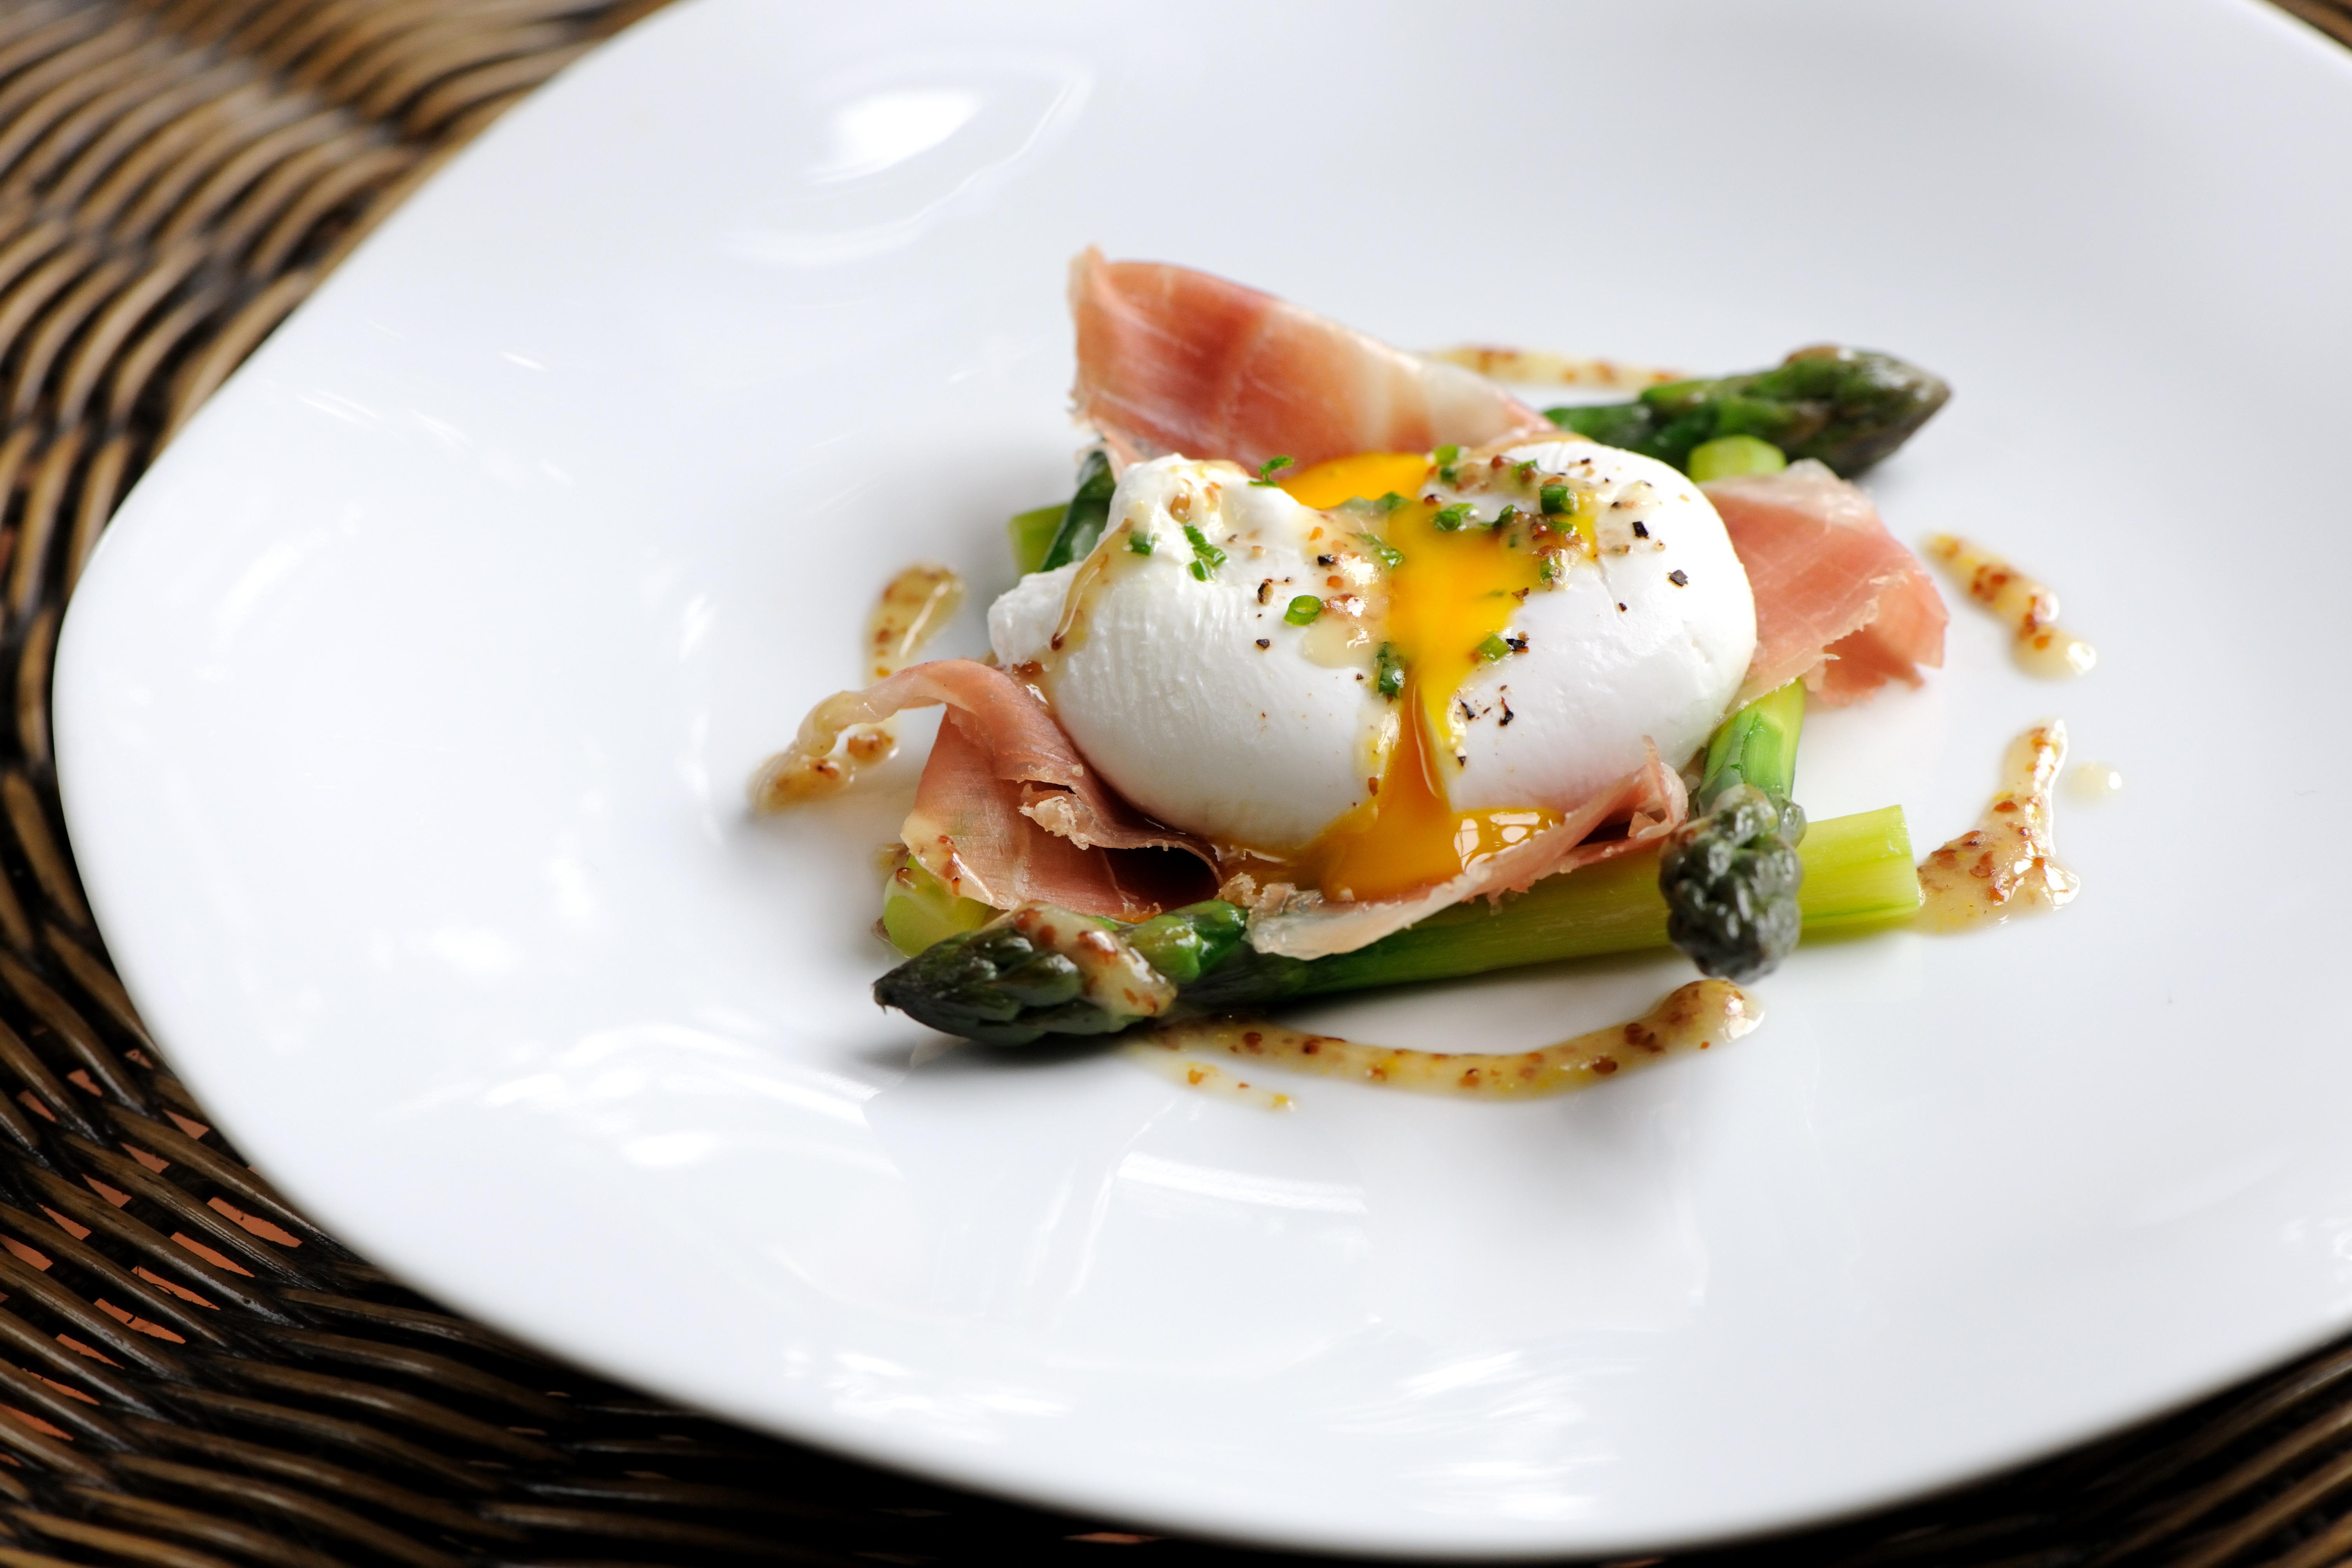 Brunch recipes - Great British Chefs